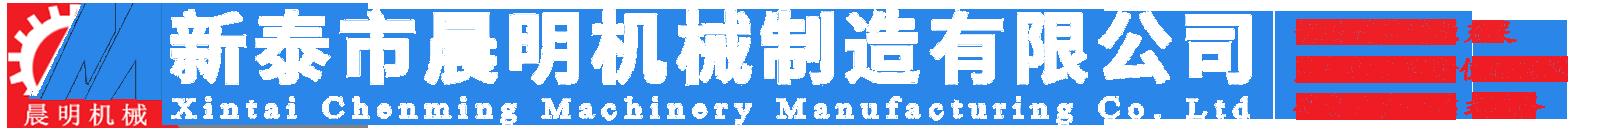 新泰市晨明機械制造有限公司